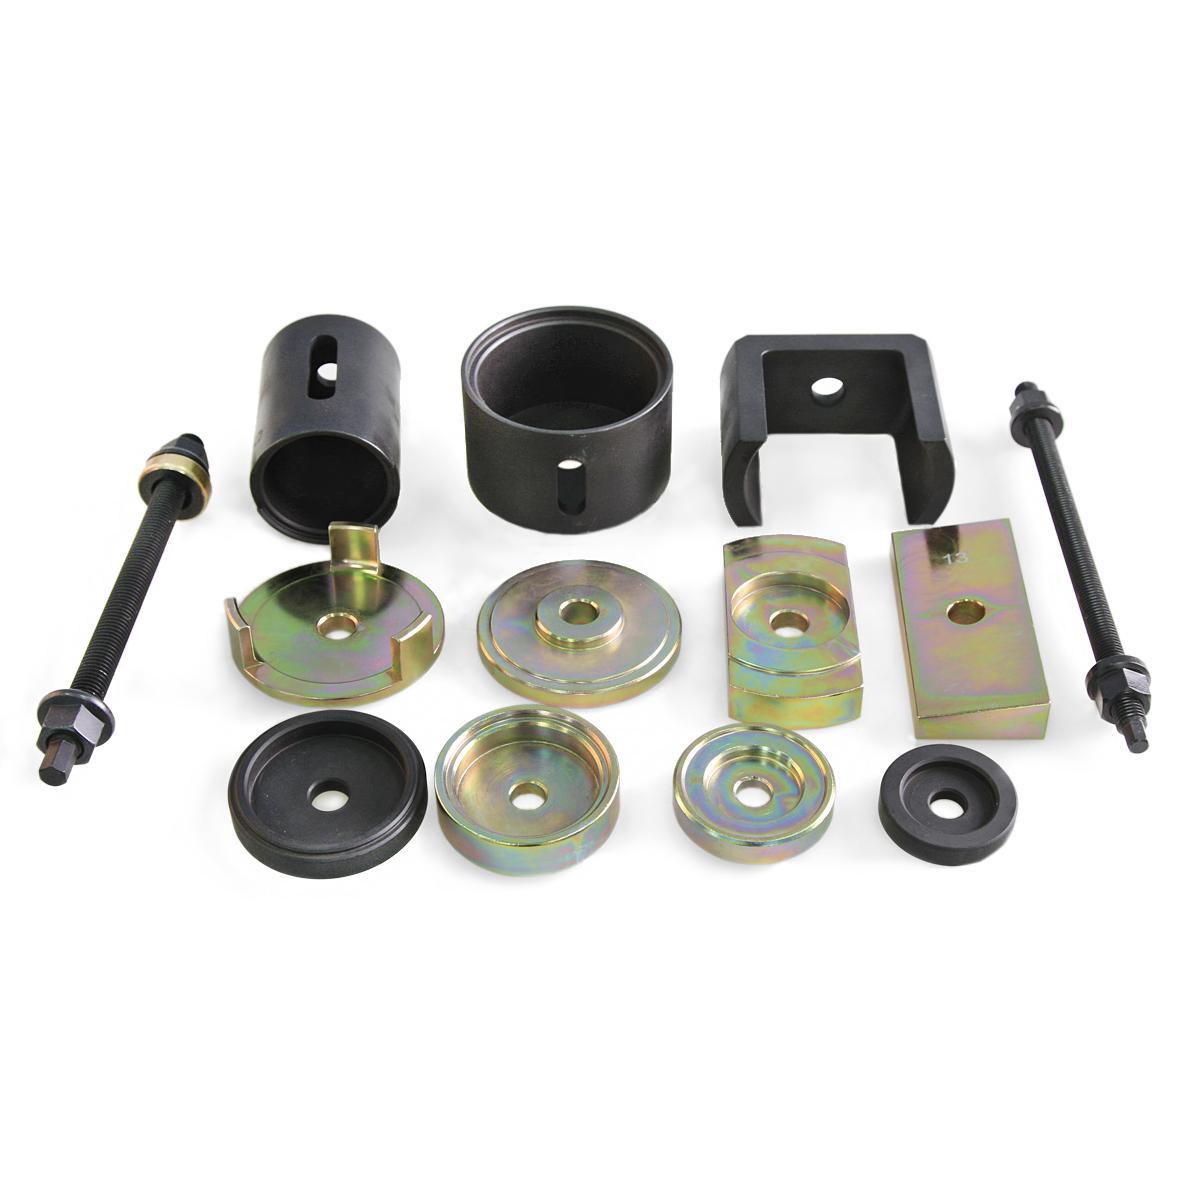 Набор инструментов для замены втулки подрамника Mercedes (W221/W216) Car-Tool CT-B1622